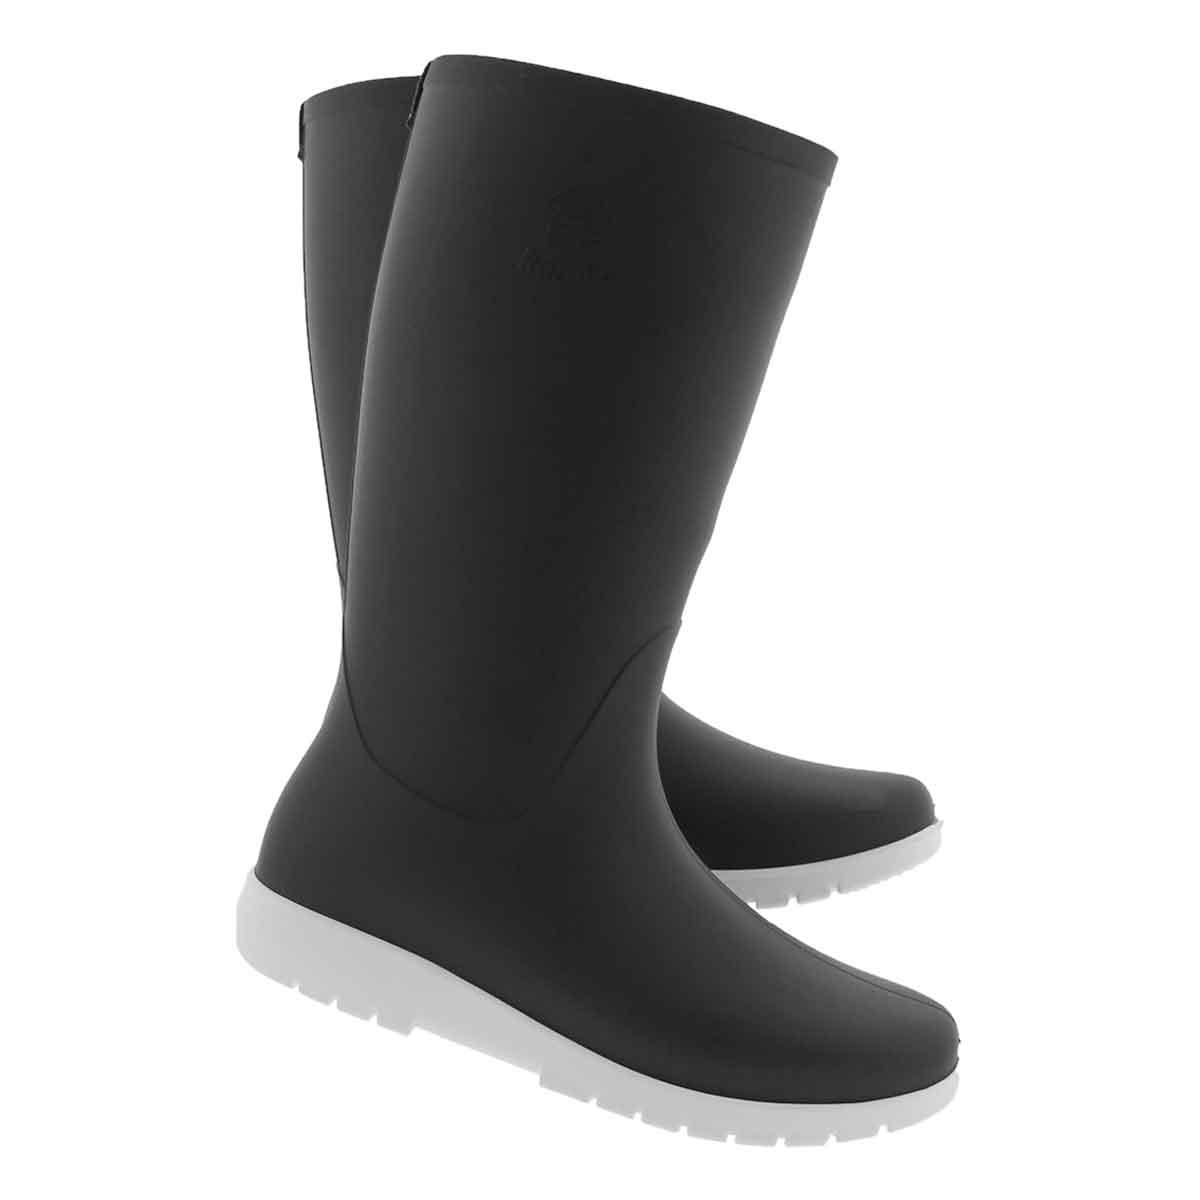 28fd86b3ac8 Women's JESSIE black/wht mid waterproof rain boots